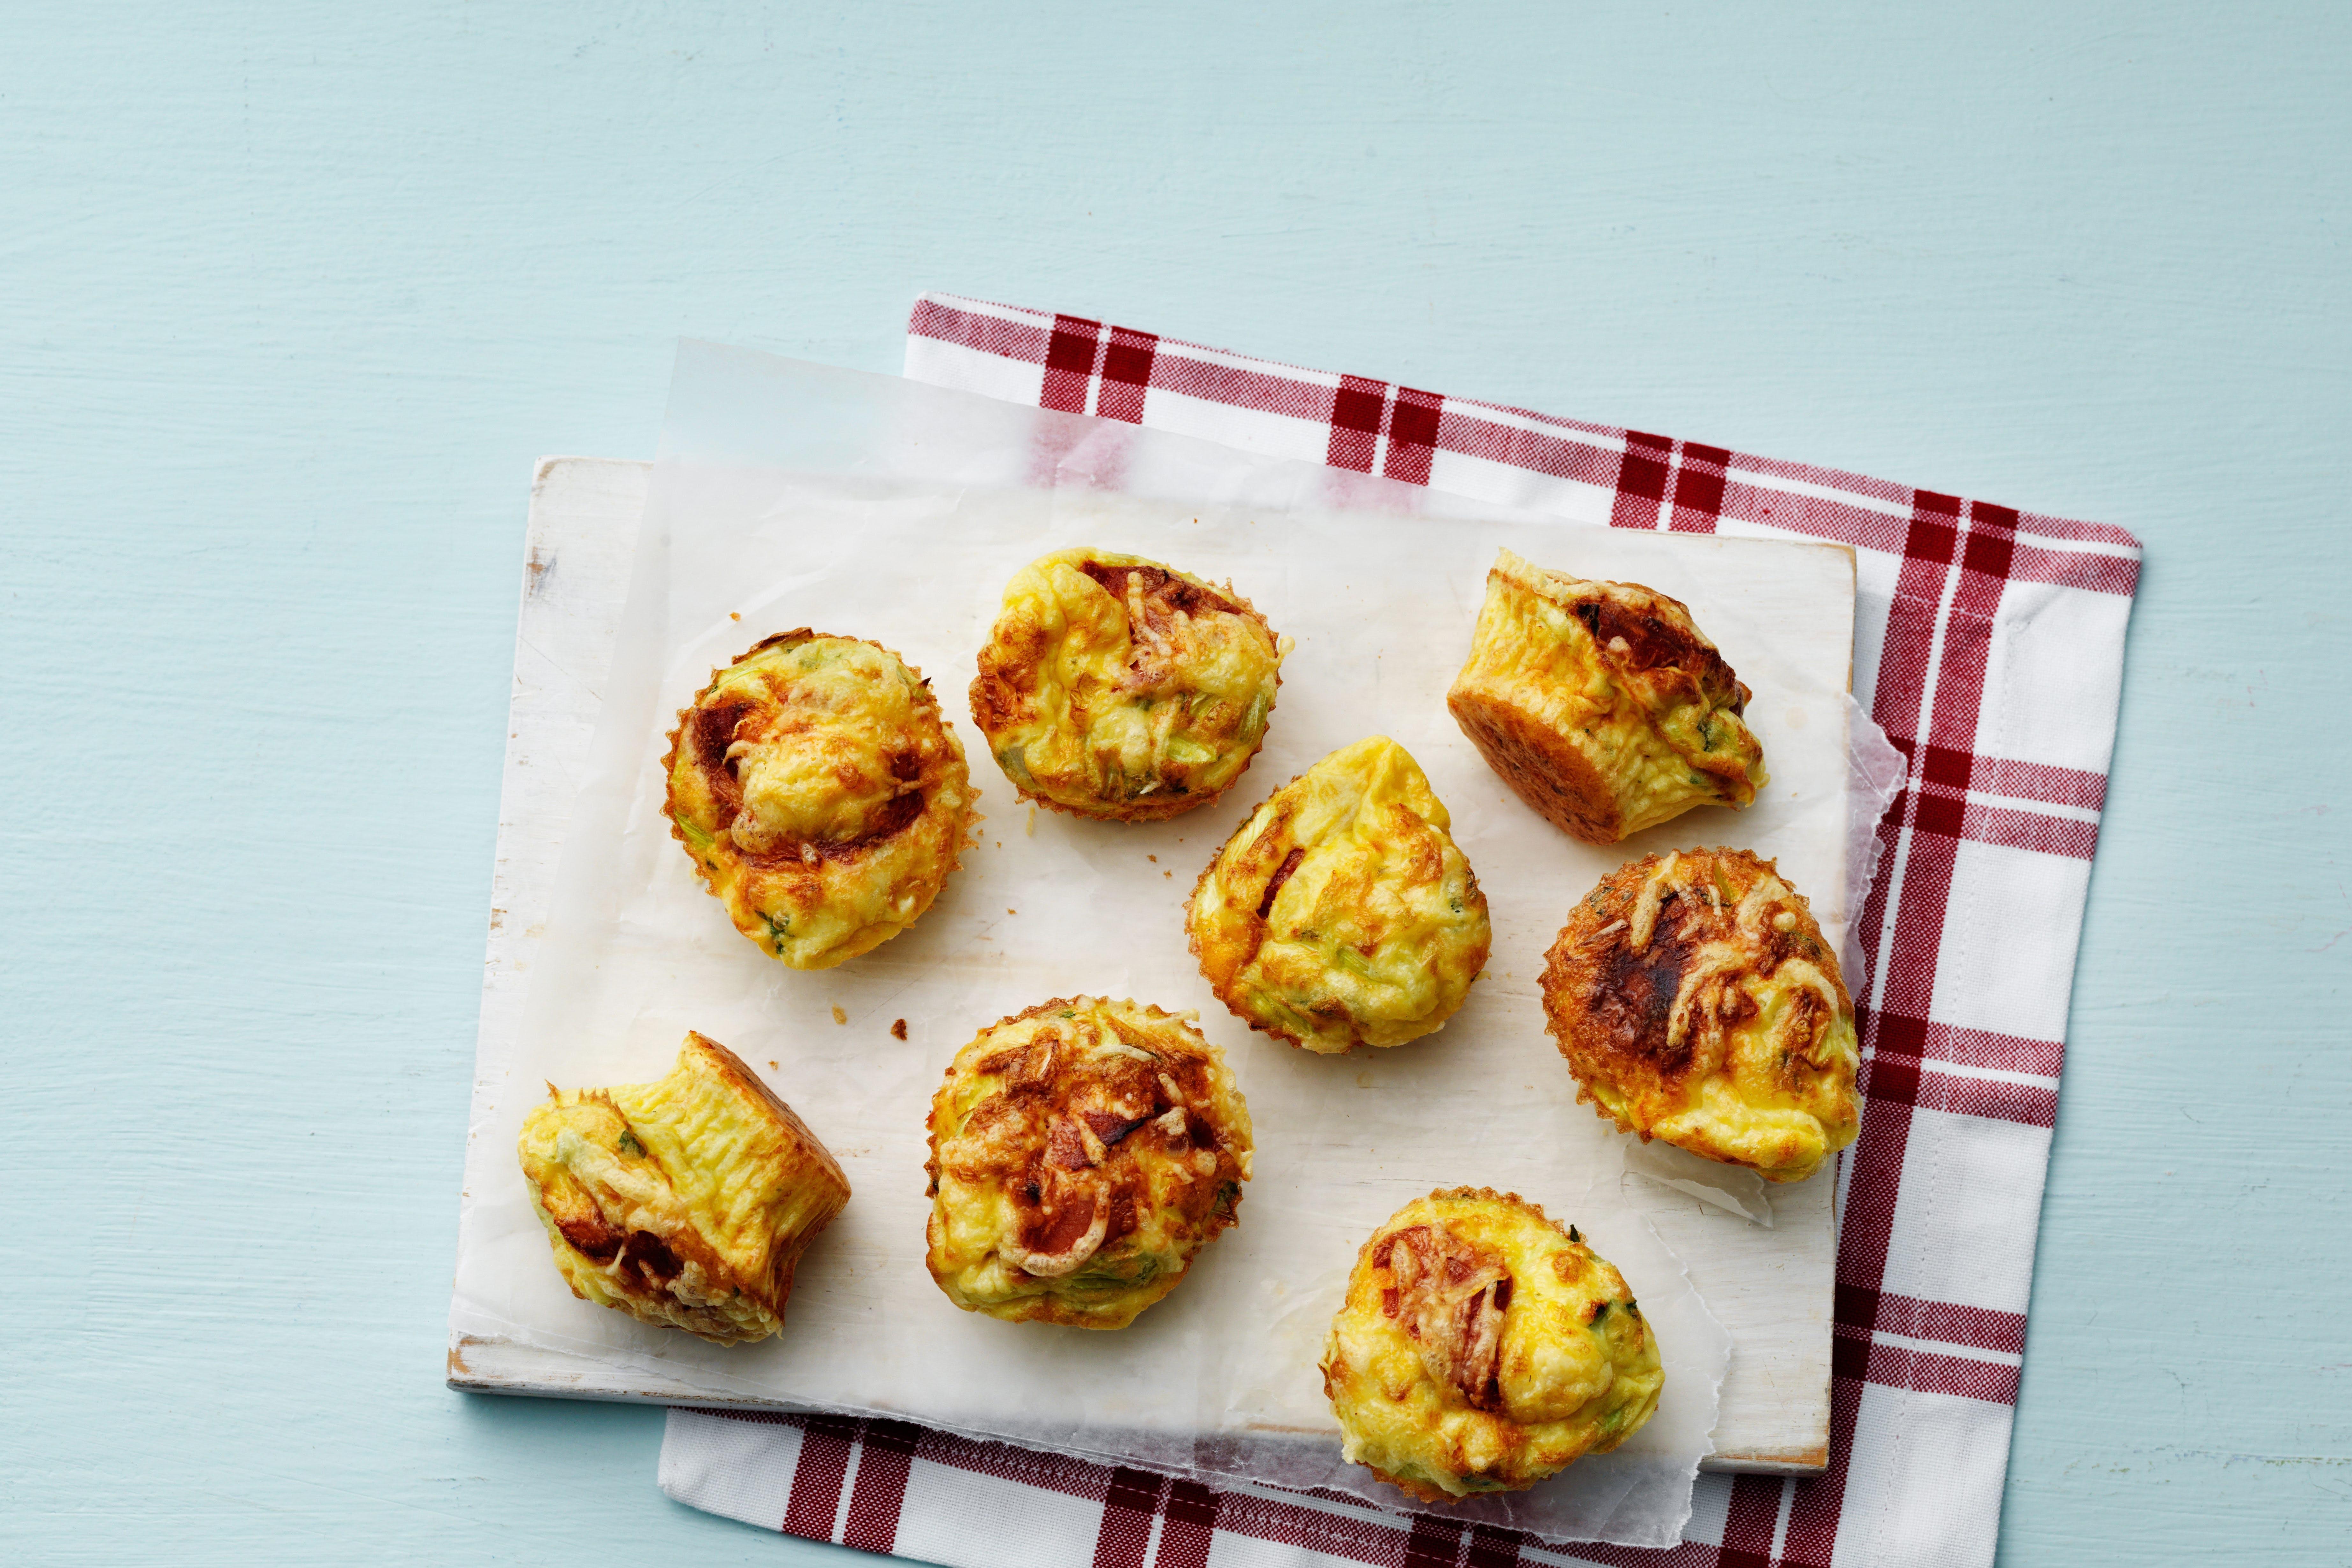 Keto egg muffins